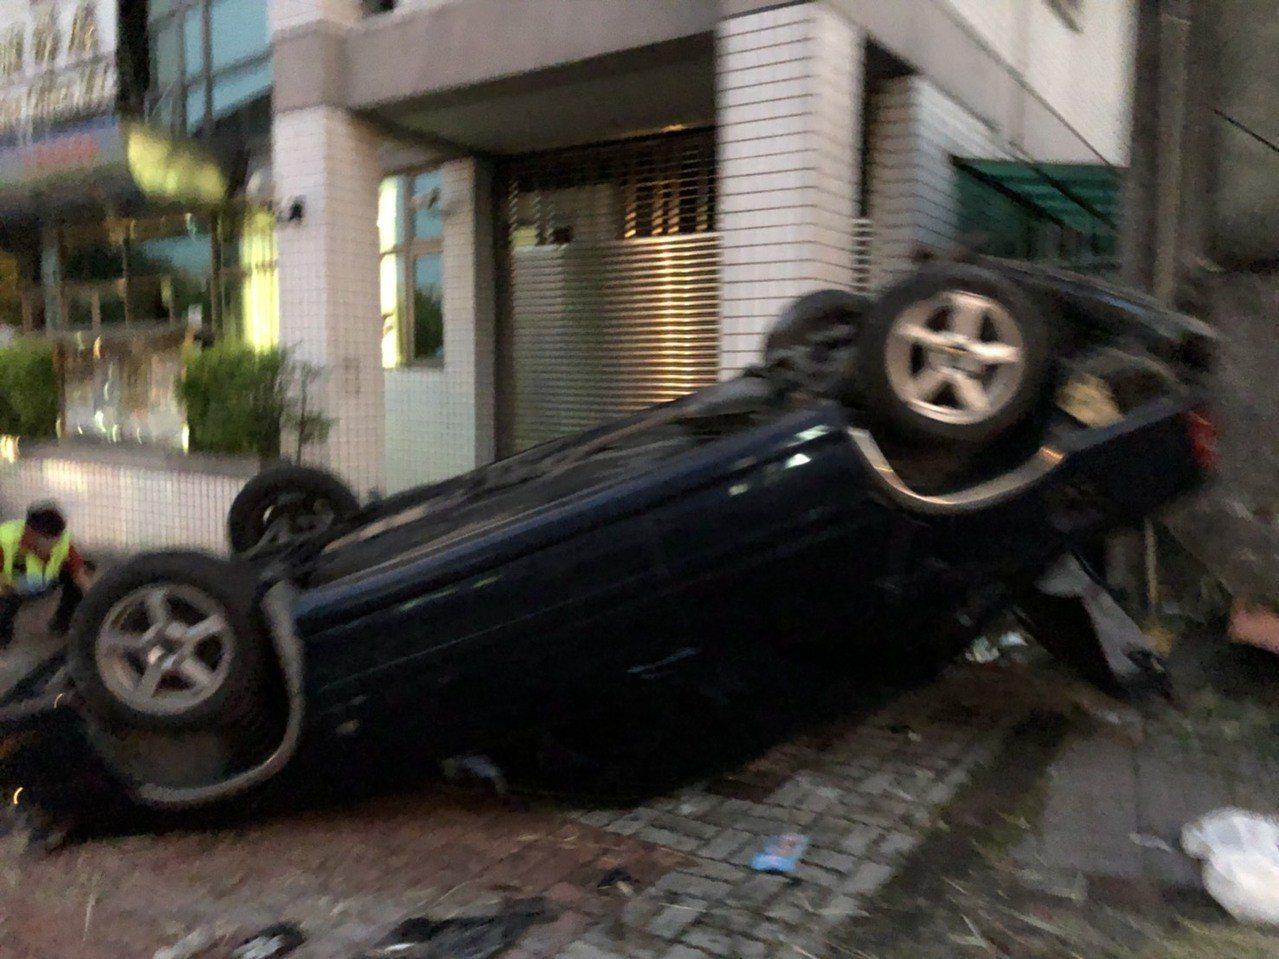 南投市民族路路旁停放車輛也被撞離好幾公尺,四輪朝天。記者江良誠/攝影